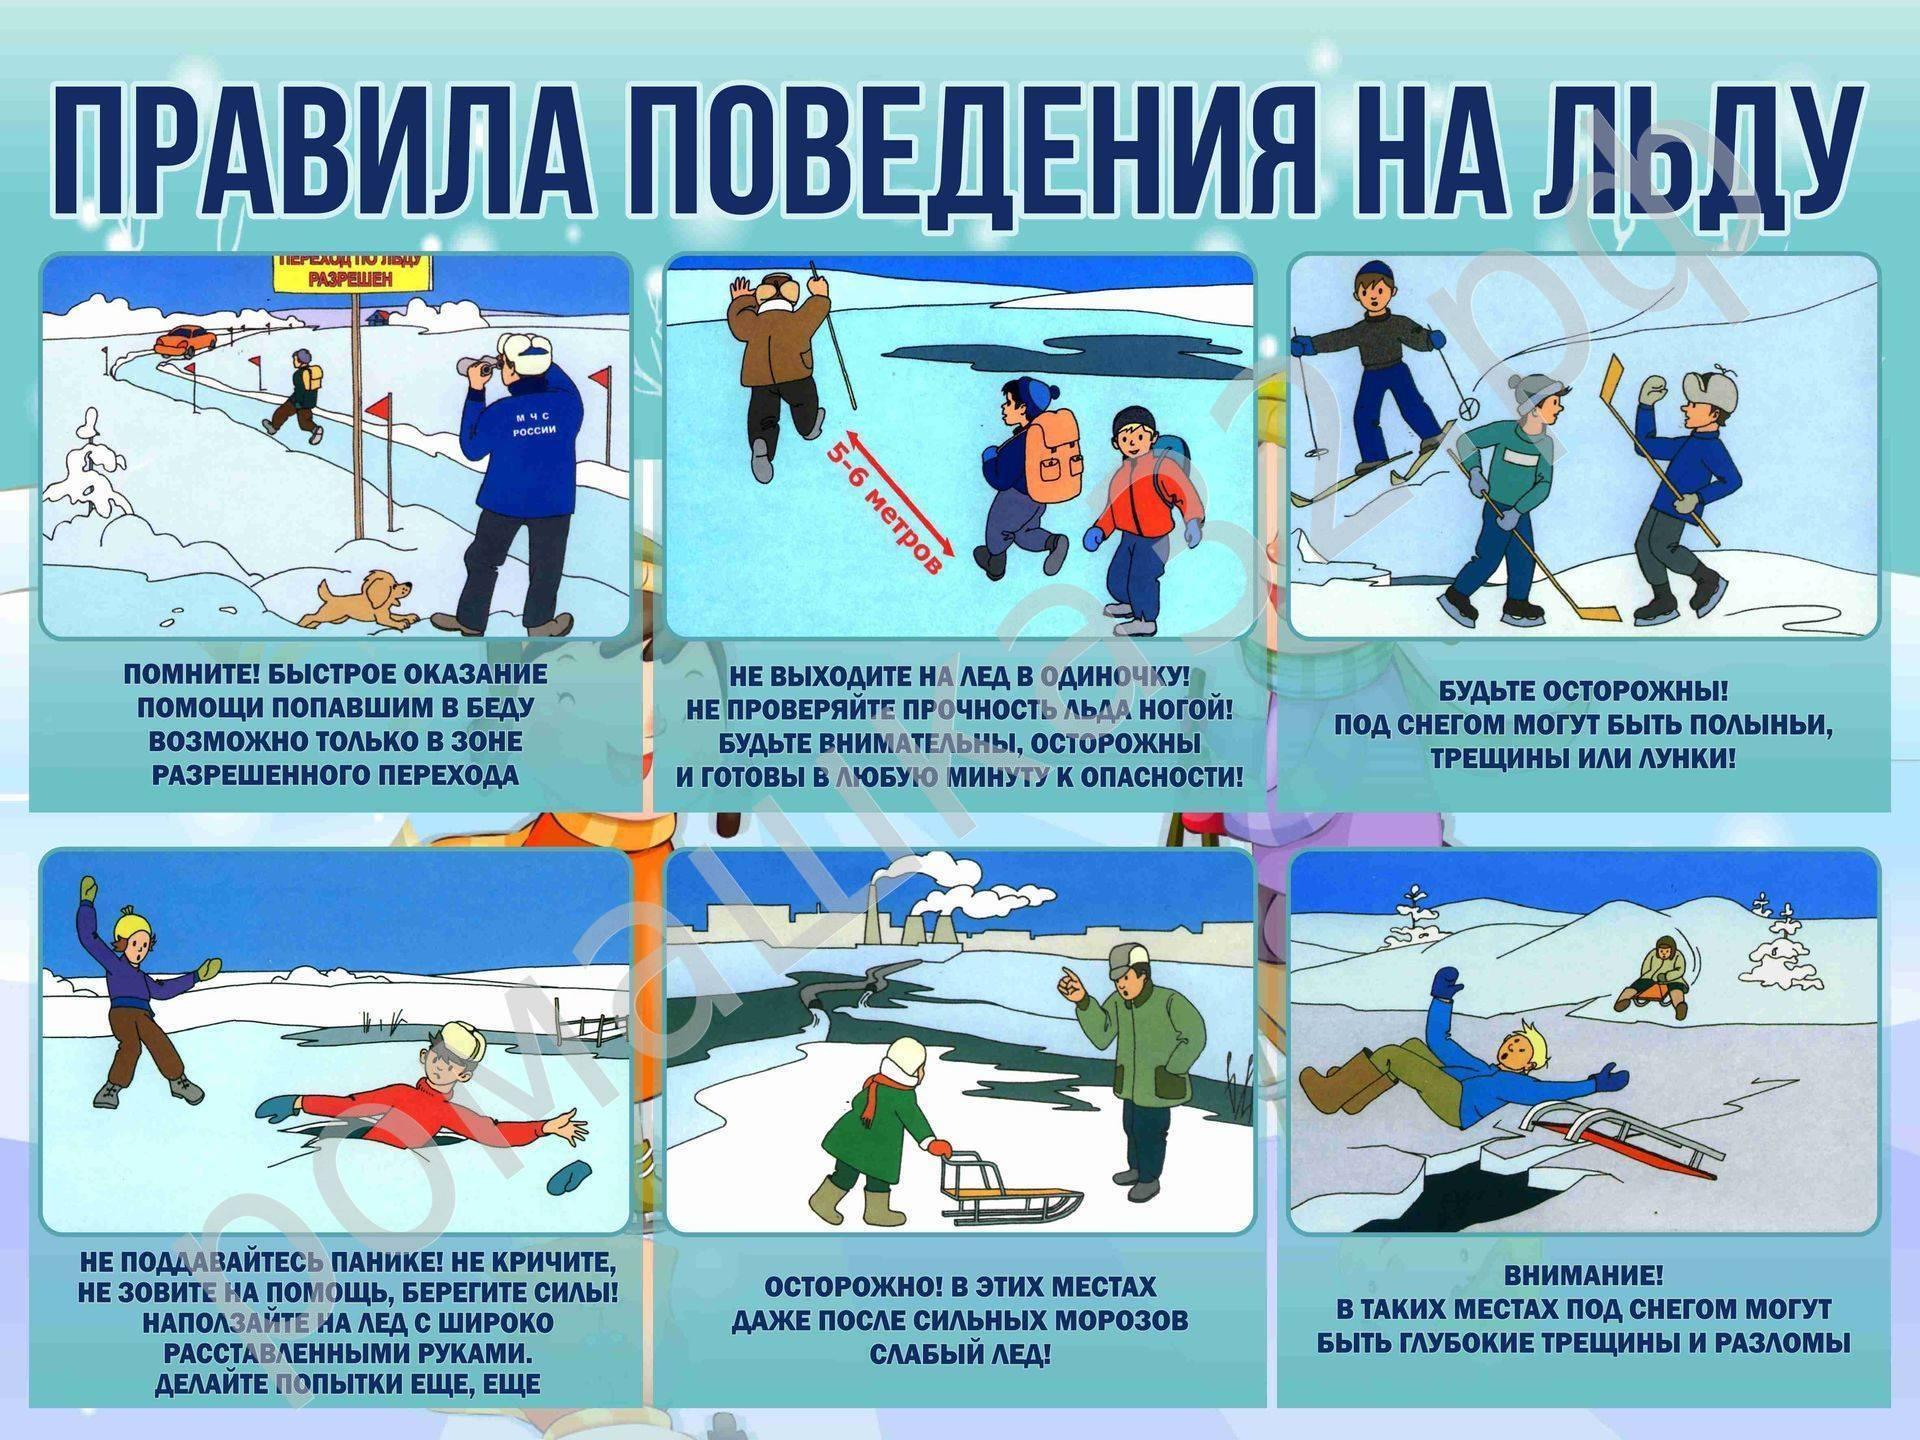 Техника безопасности и правила поведения на льду в зимнее время